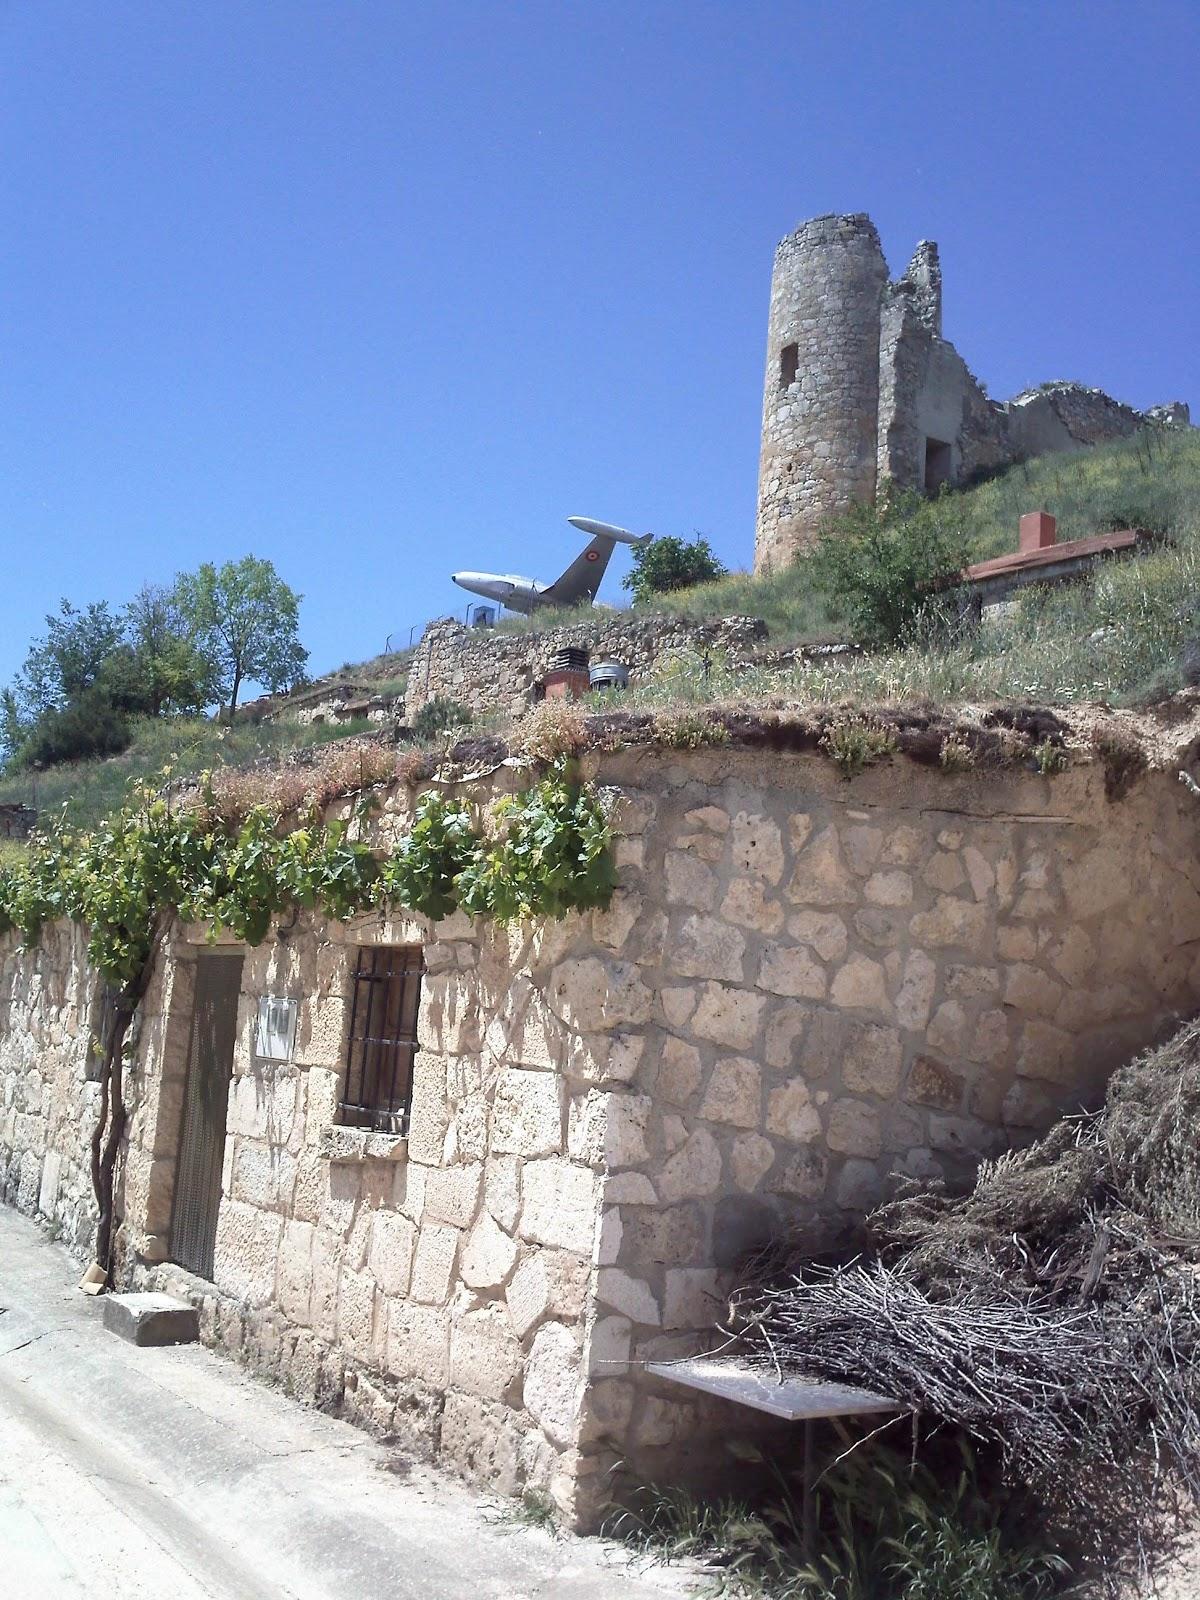 Coruña del Conde